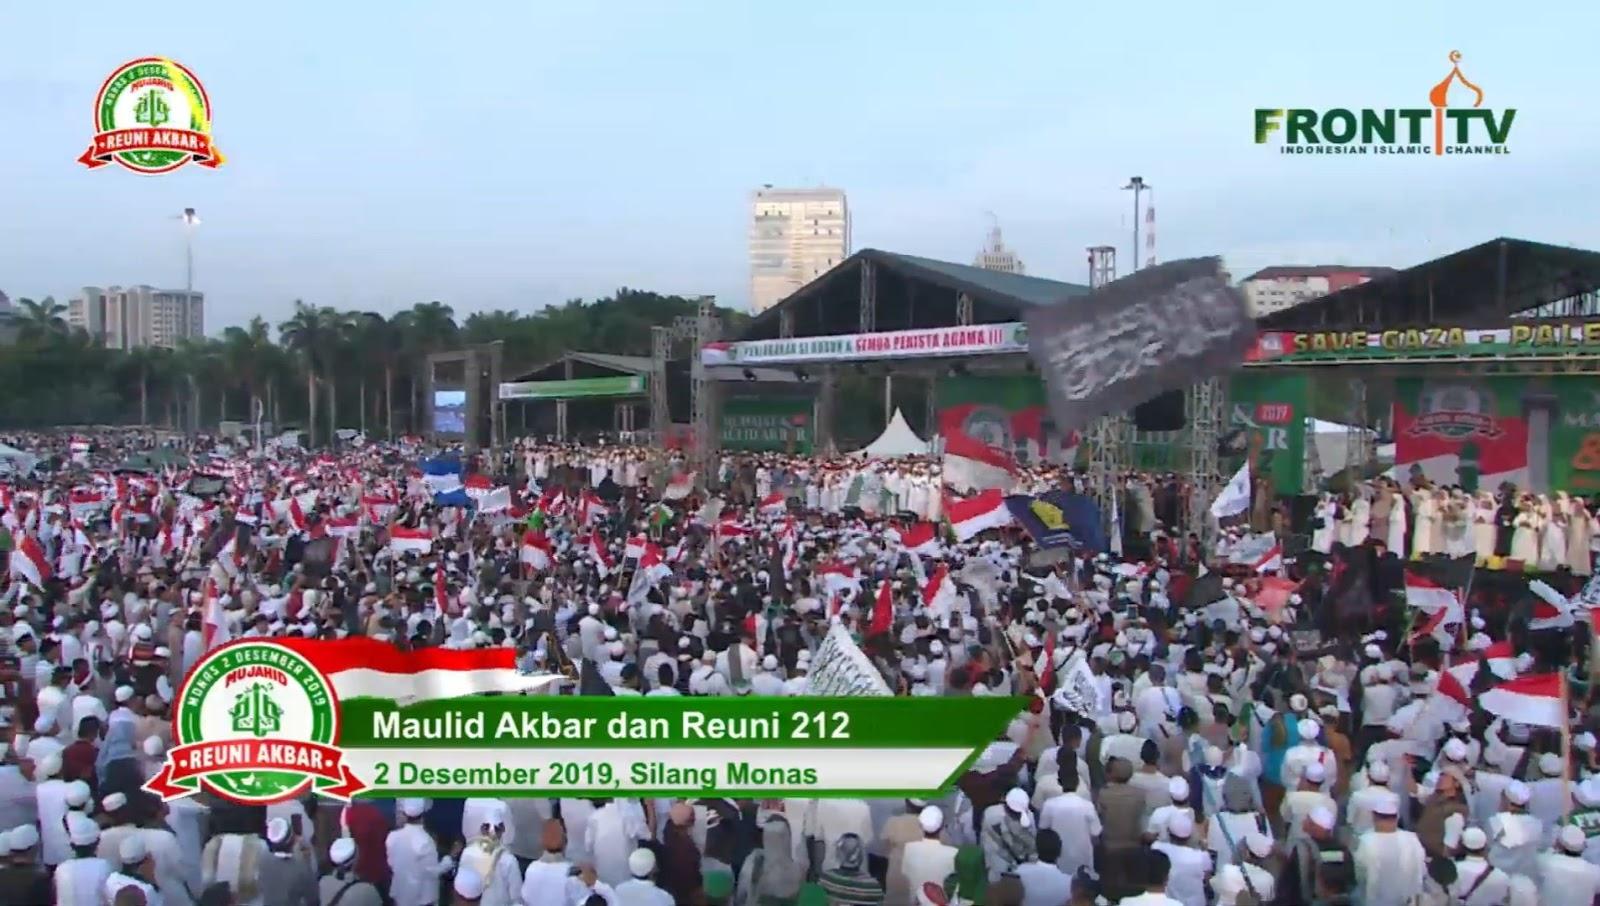 Spanduk 'Hentikan Pengasingan Politik IB HRS' Muncul di Reuni 212